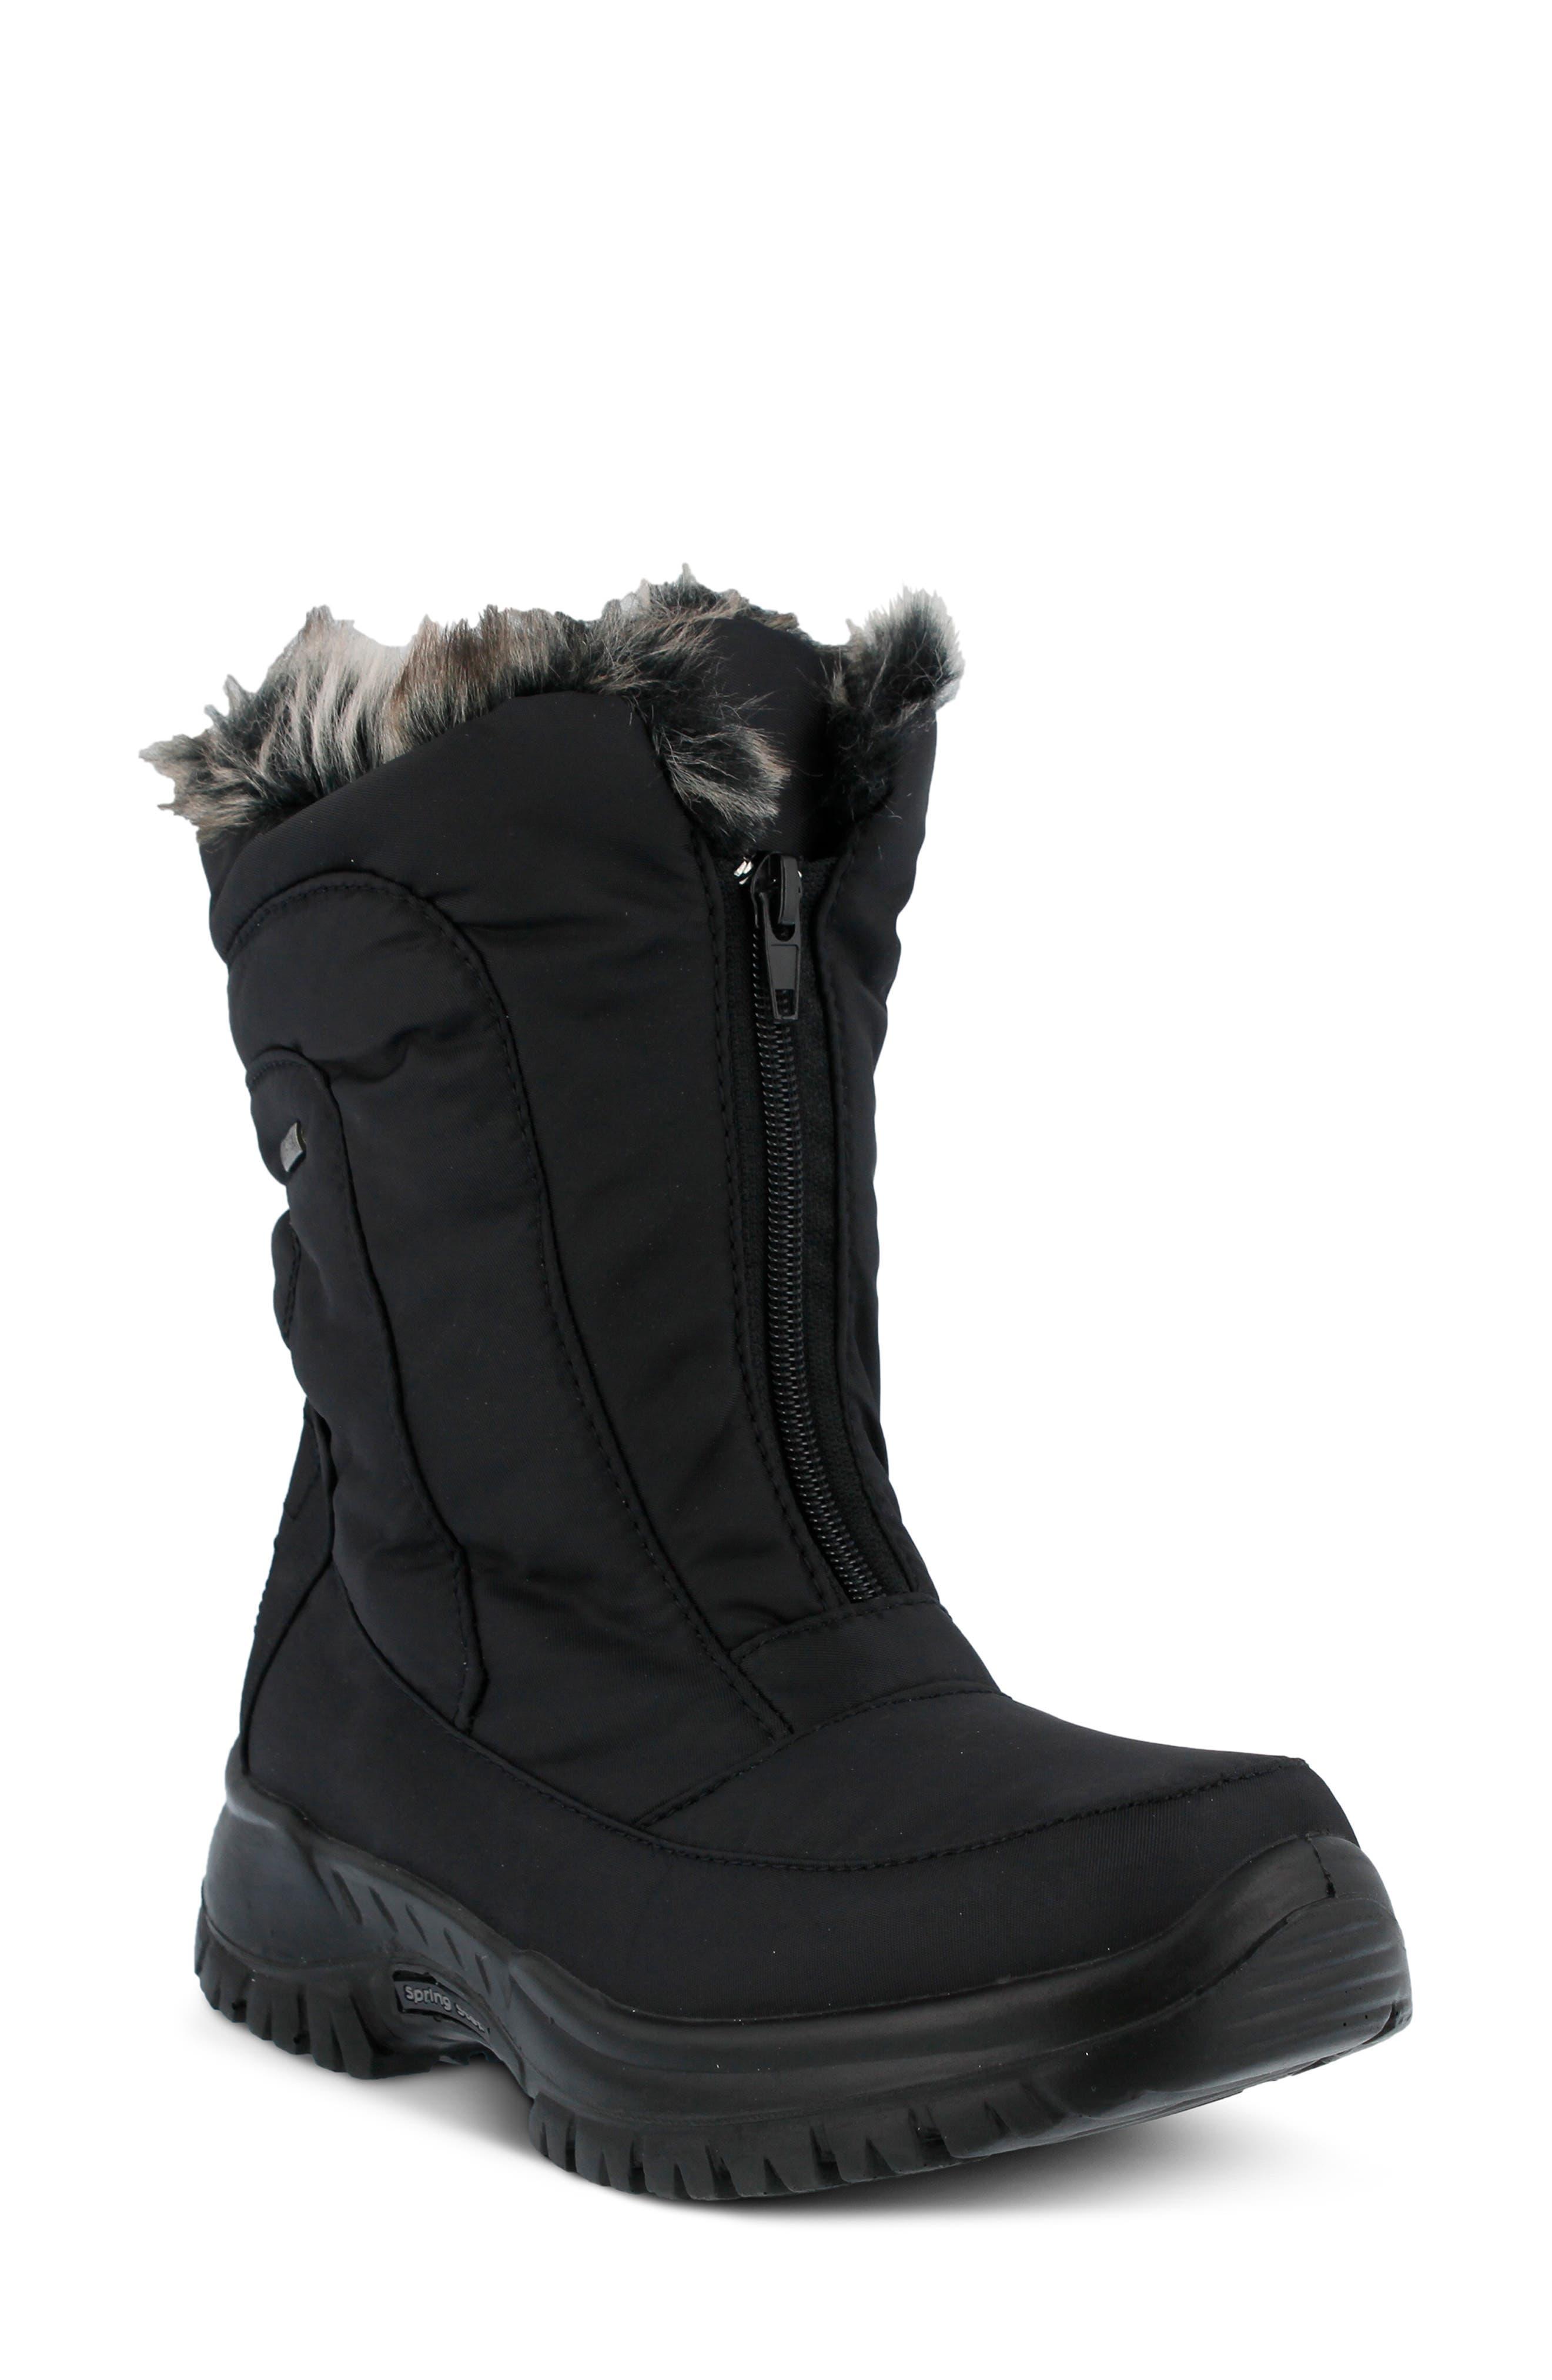 Spring Step Zigzag Waterproof Faux Fur Bootie - Black